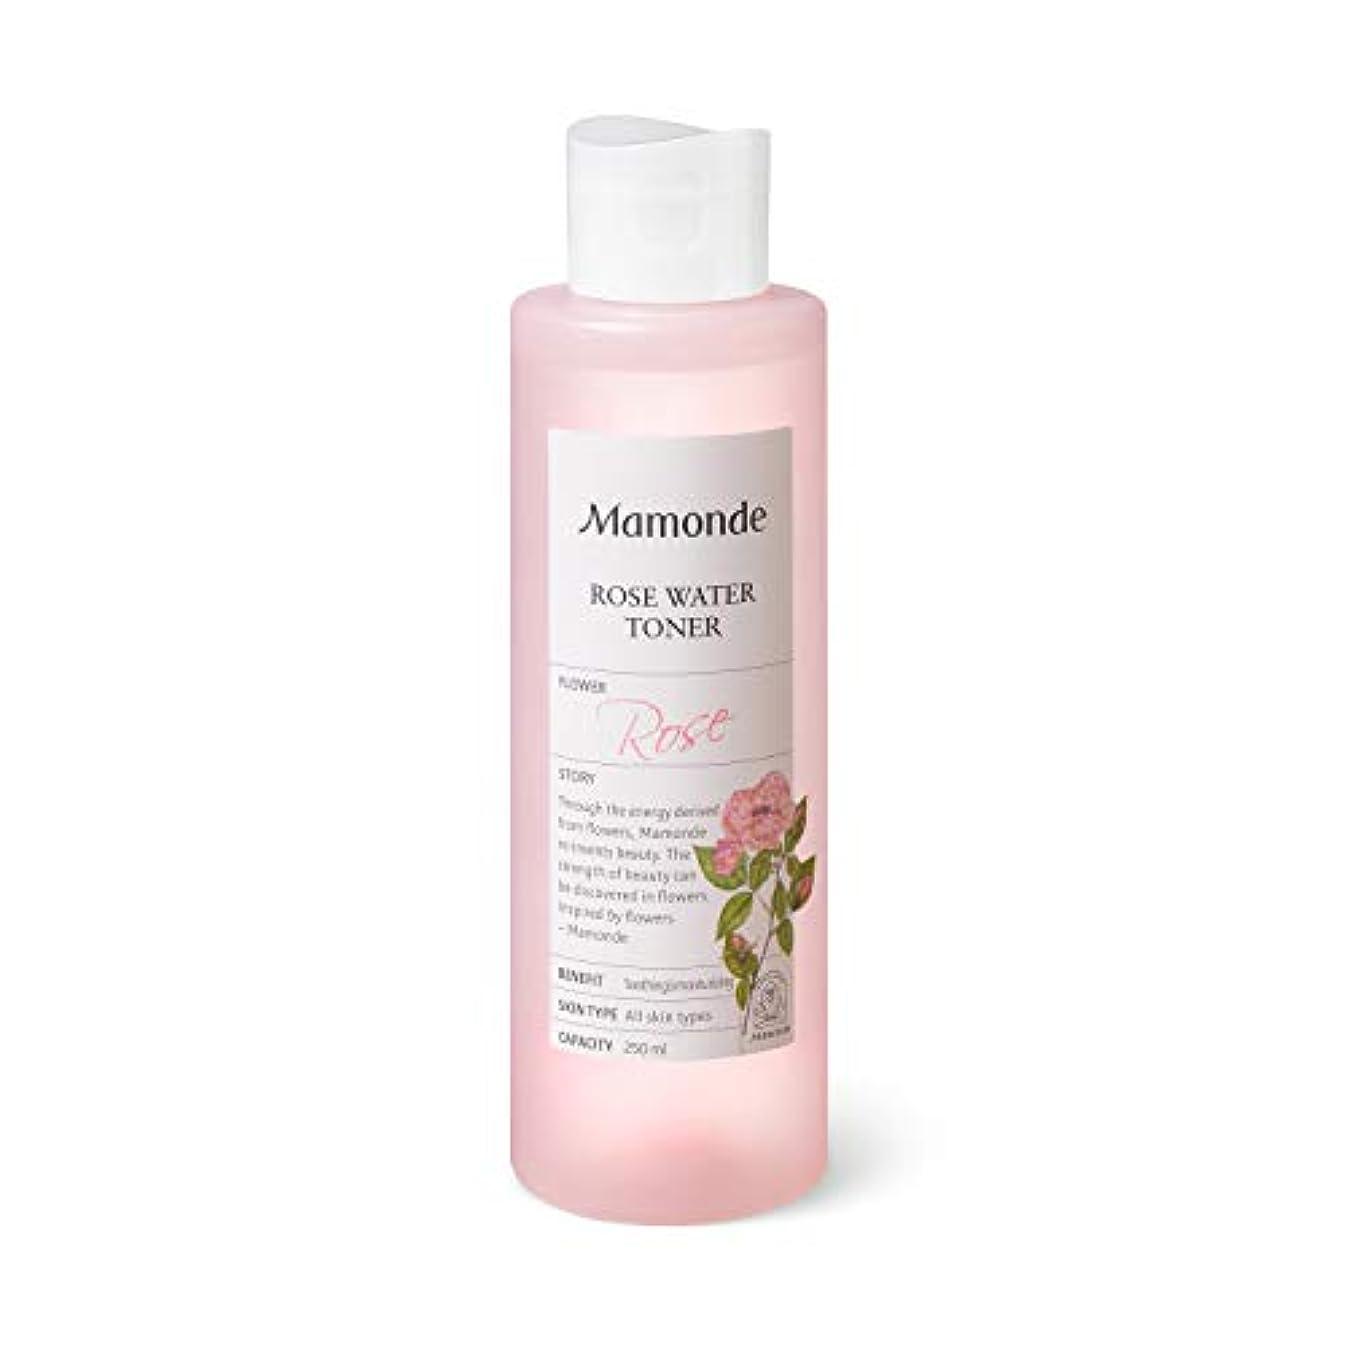 シチリア火クランシー[マモンド]ローズウォータートナー(Mamonde Rose Water Toner 250ml)